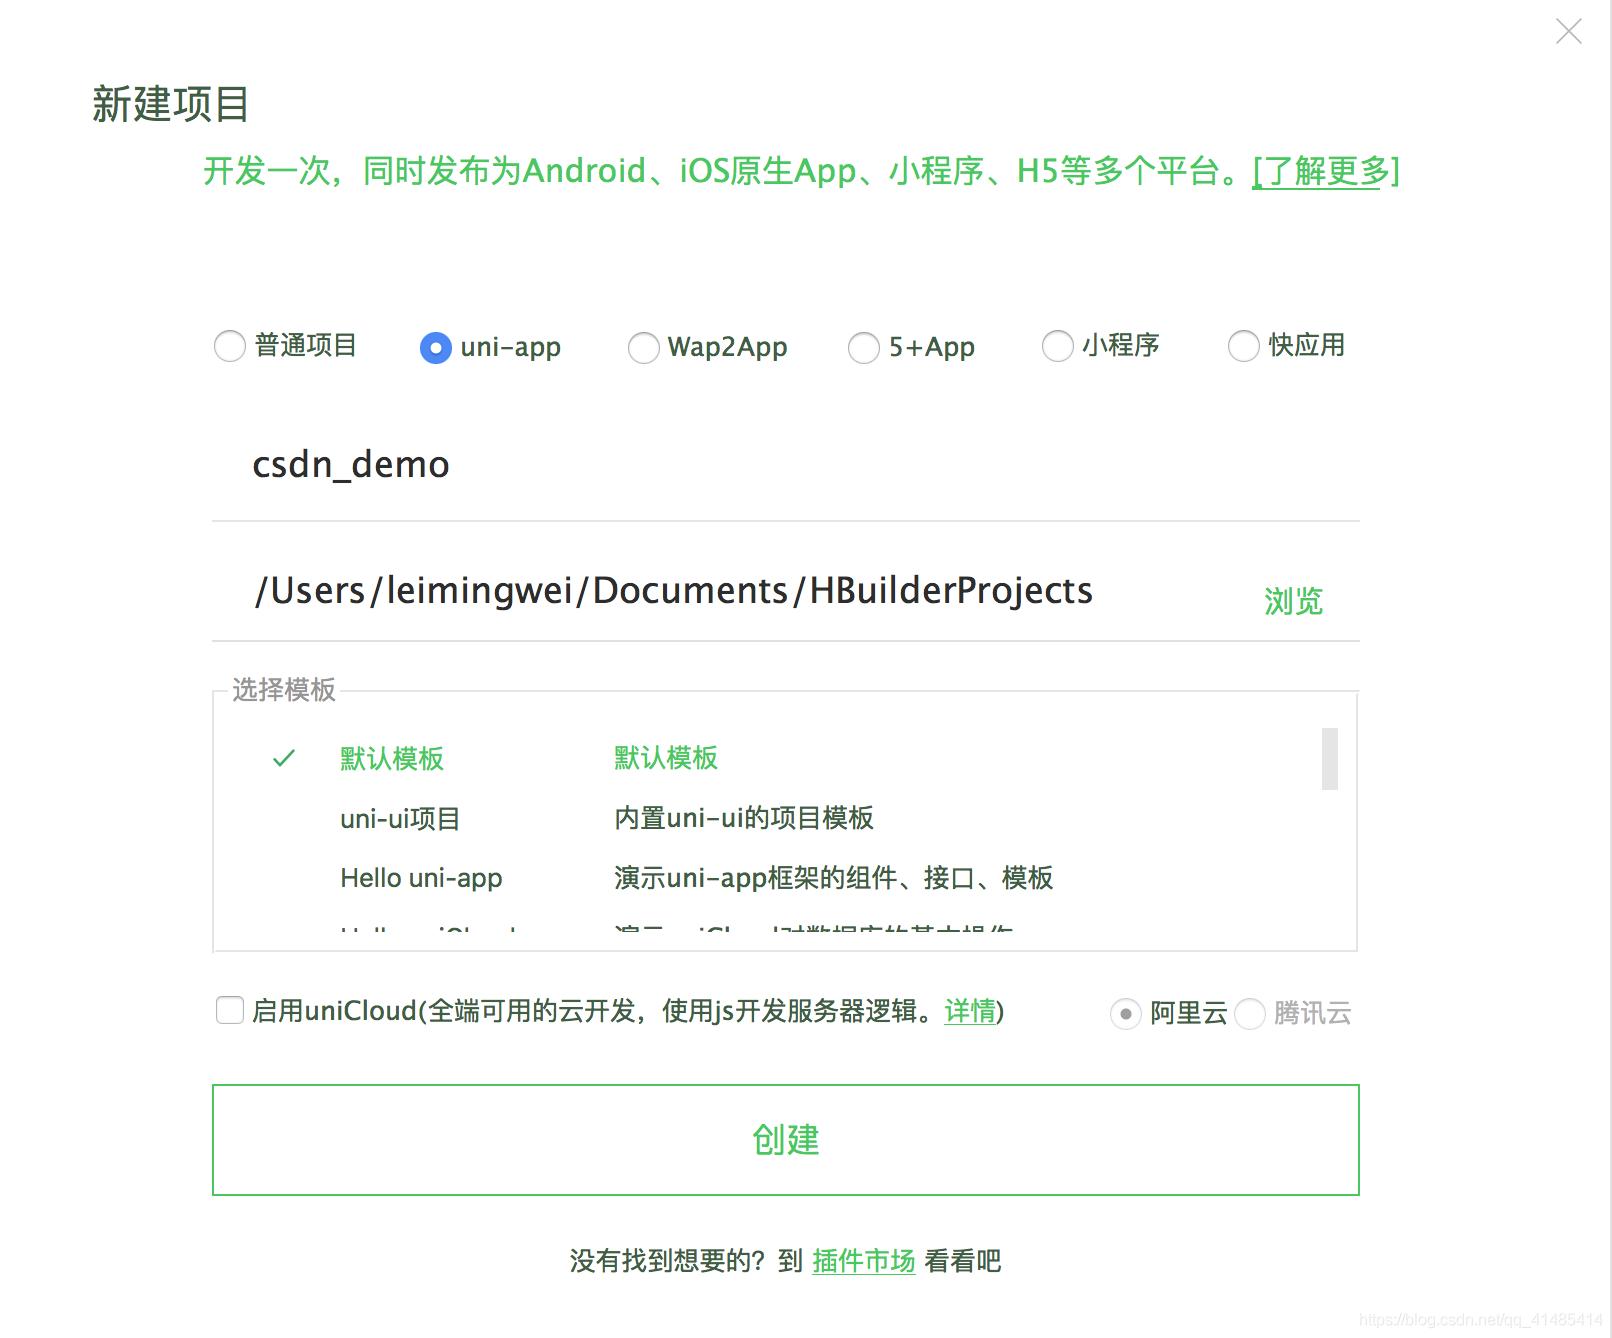 [外链图片转存失败,源站可能有防盗链机制,建议将图片保存下来直接上传(img-hIRlBUKa-1584591716178)(evernotecid://72A0867B-C2C9-4394-90F0-D1AD032DA4AC/appyinxiangcom/24072006/ENResource/p137)]